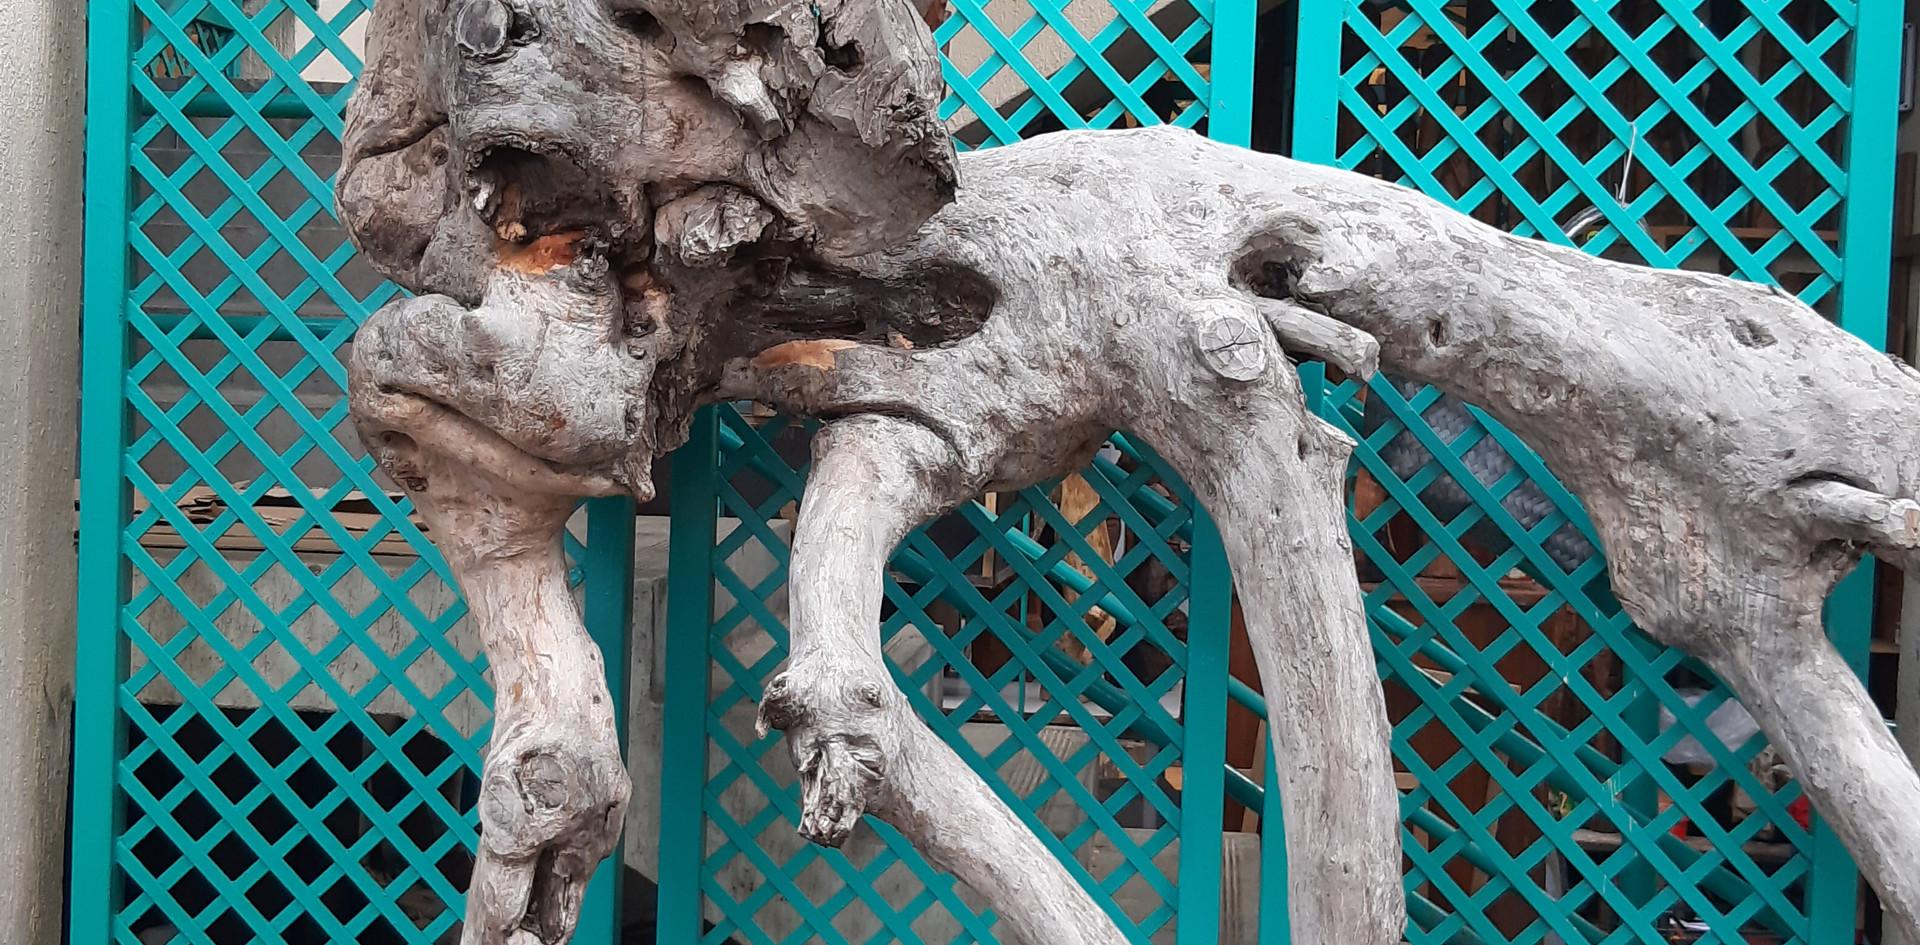 Drift wood Sculptures